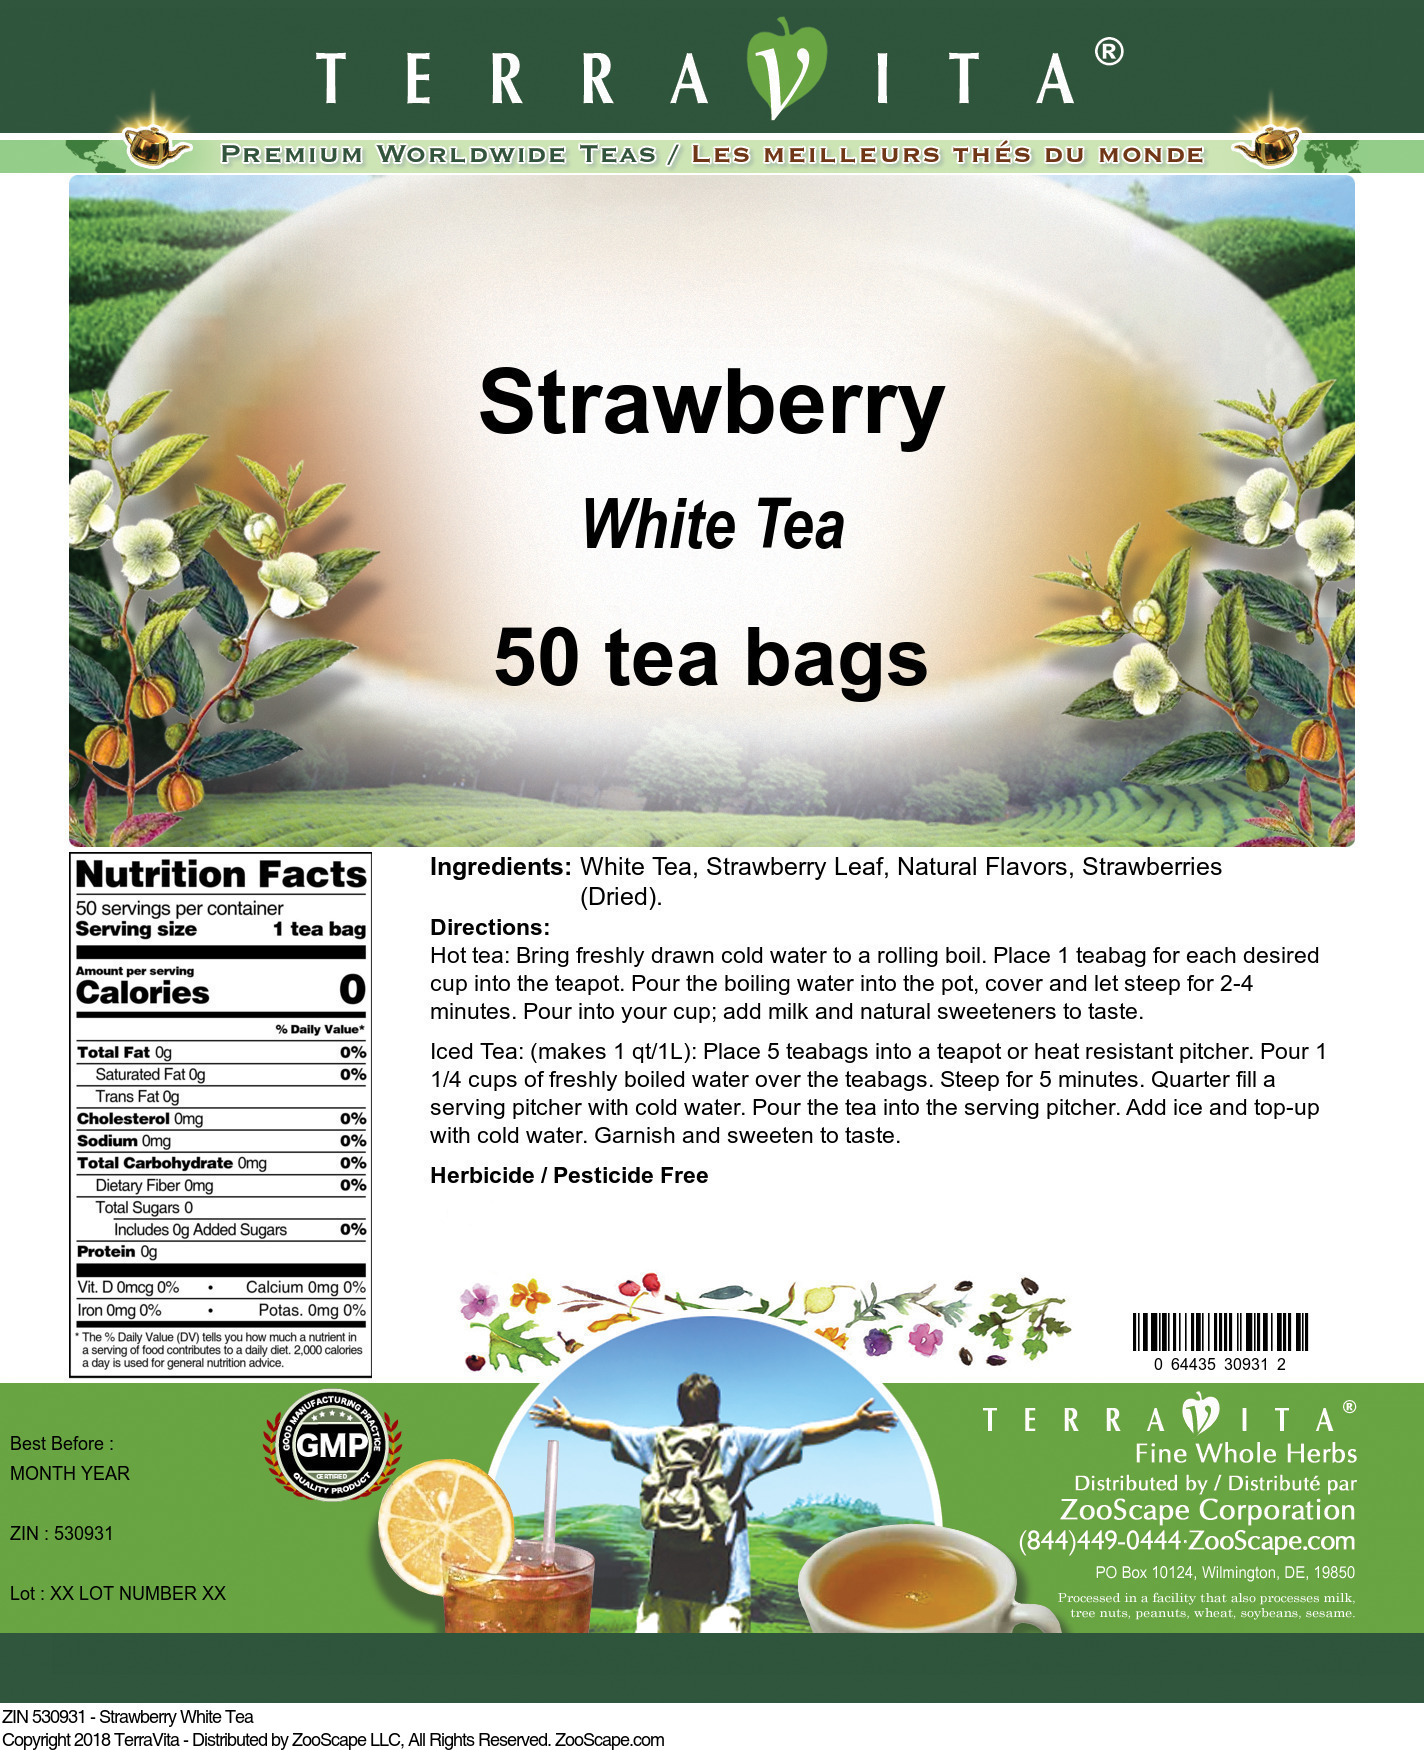 Strawberry White Tea